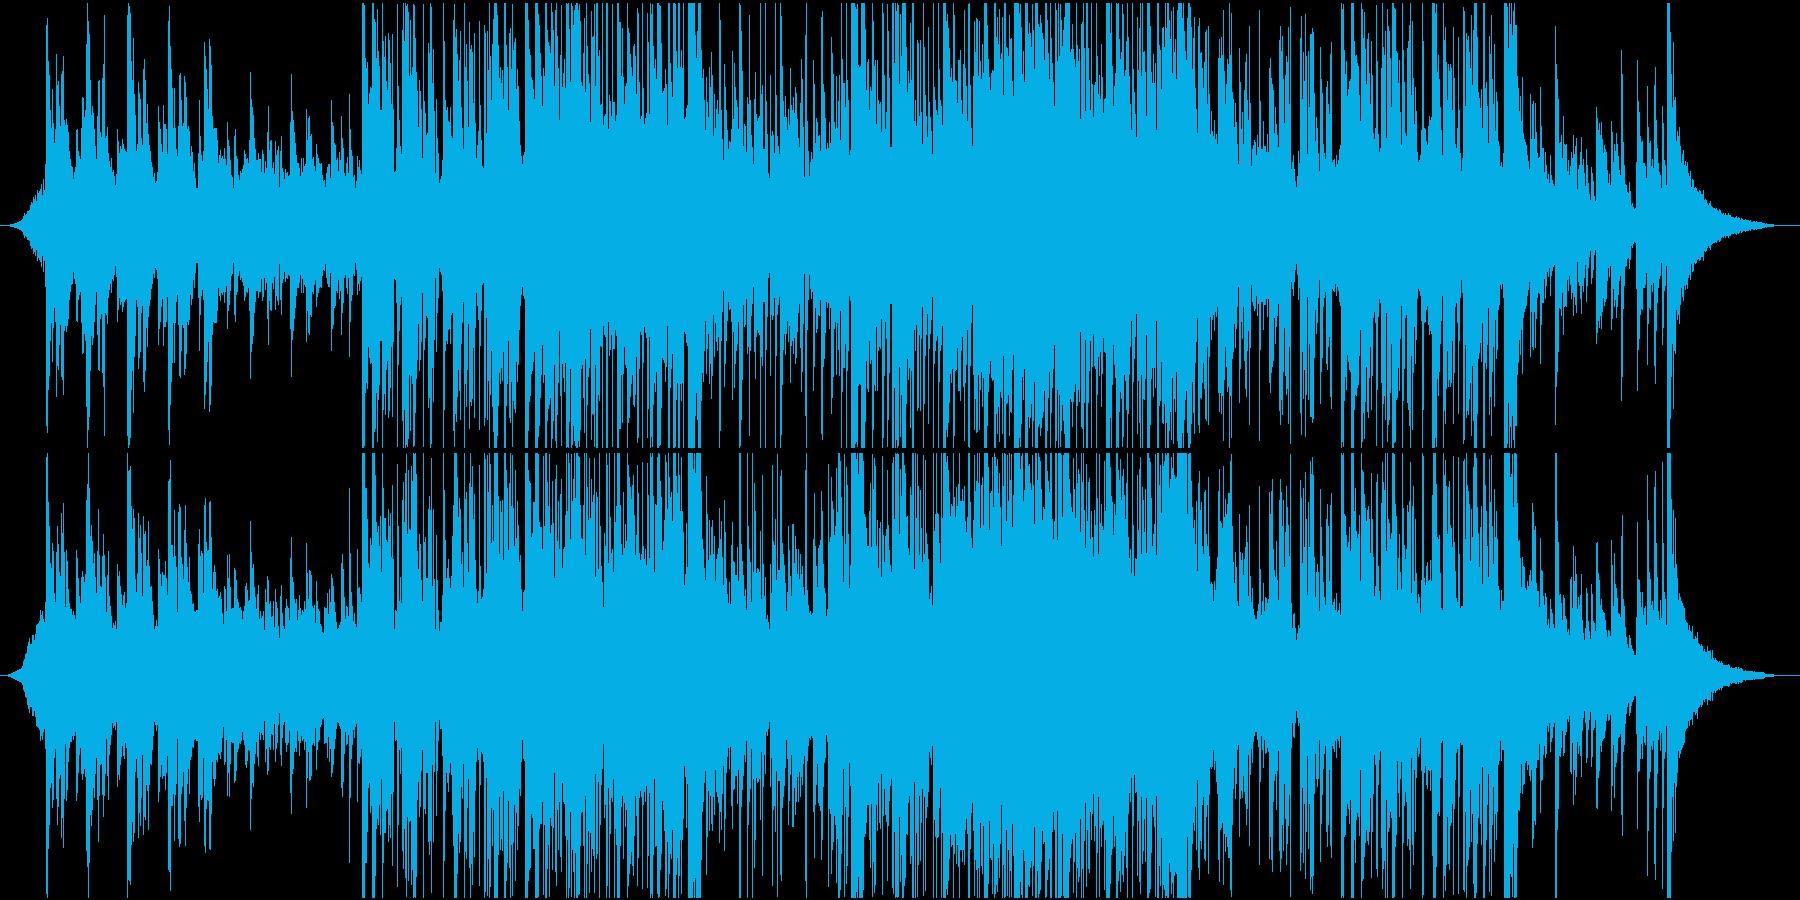 悲しみの中にも決意を秘めたBGMの再生済みの波形